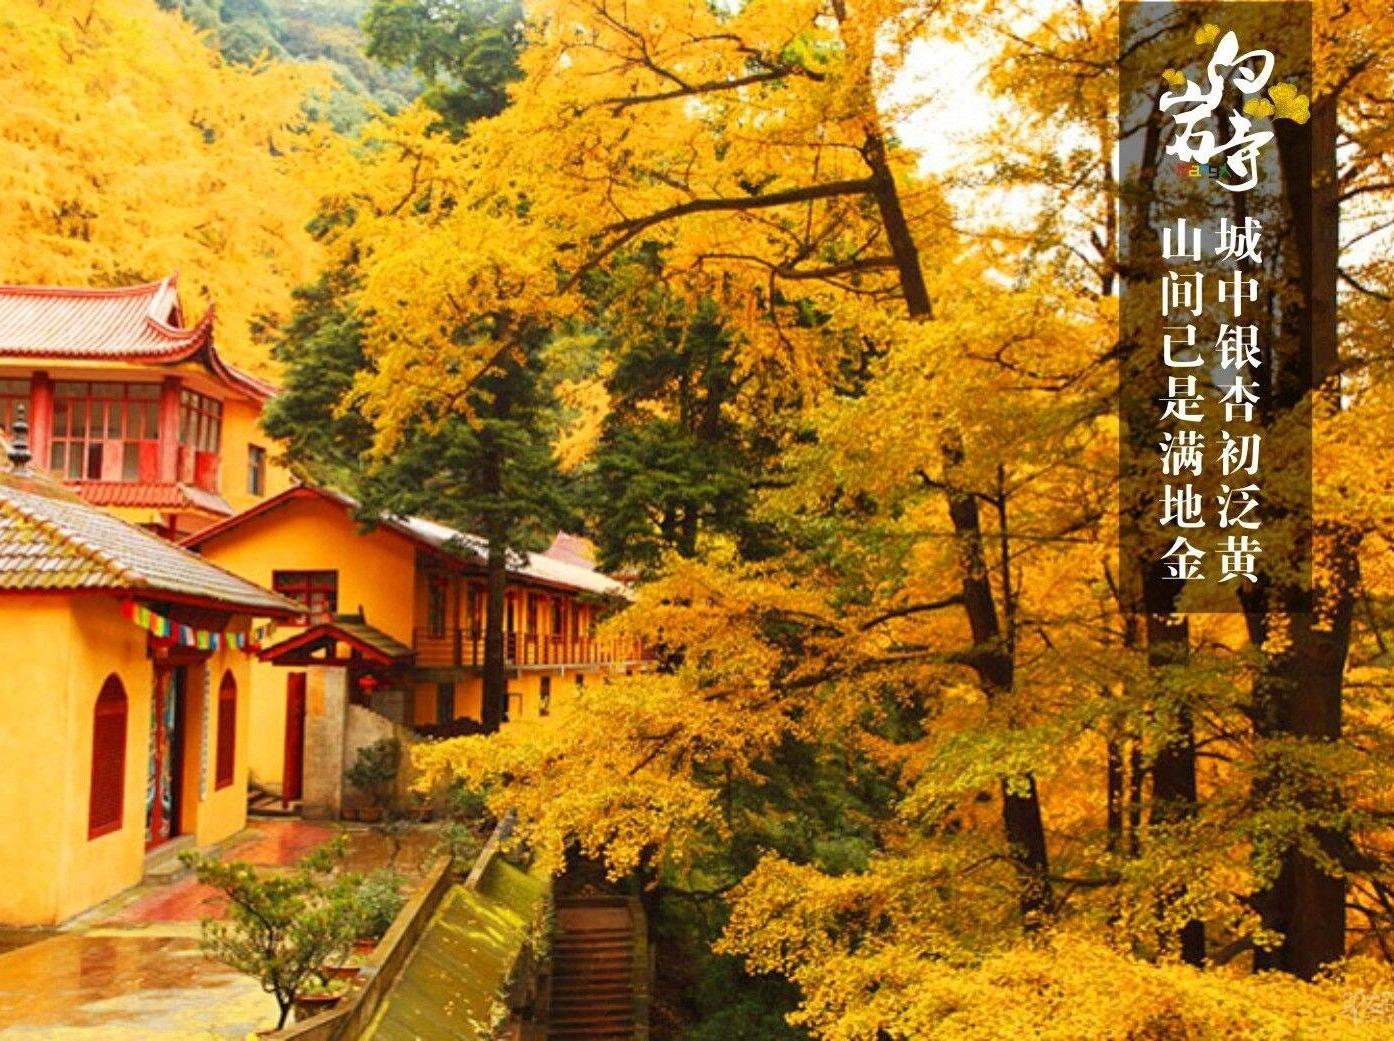 【一日游】周天白岩寺金黄色银杏小道赏秋色